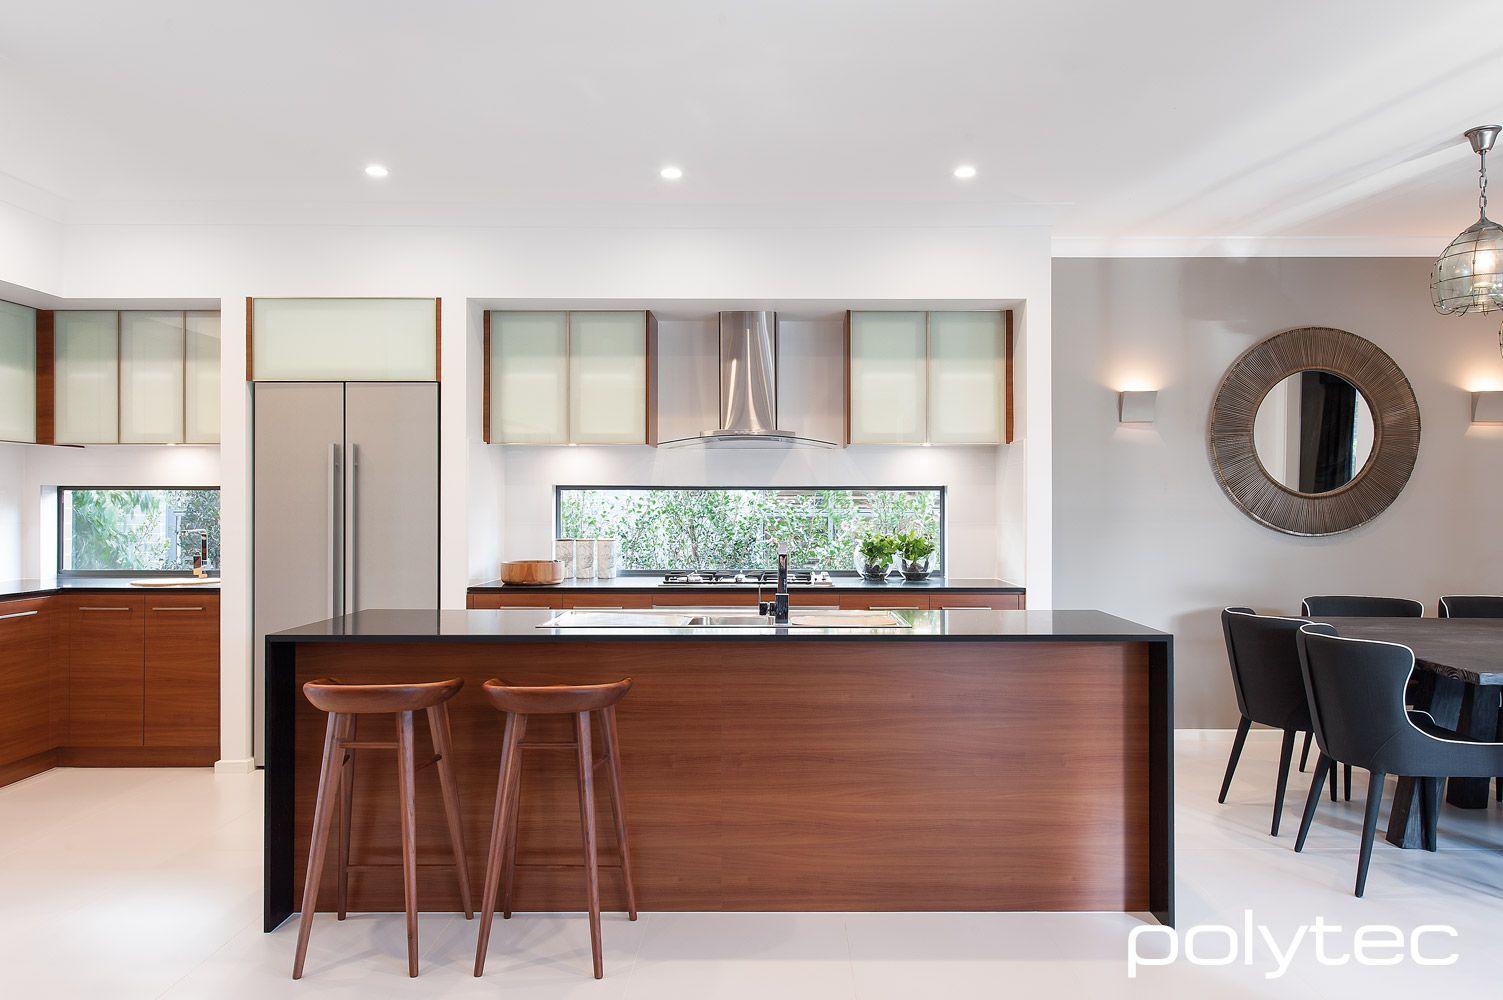 Overhead Cupboard Doors In Aluminium 5mm 55mm Satin Aluminium With